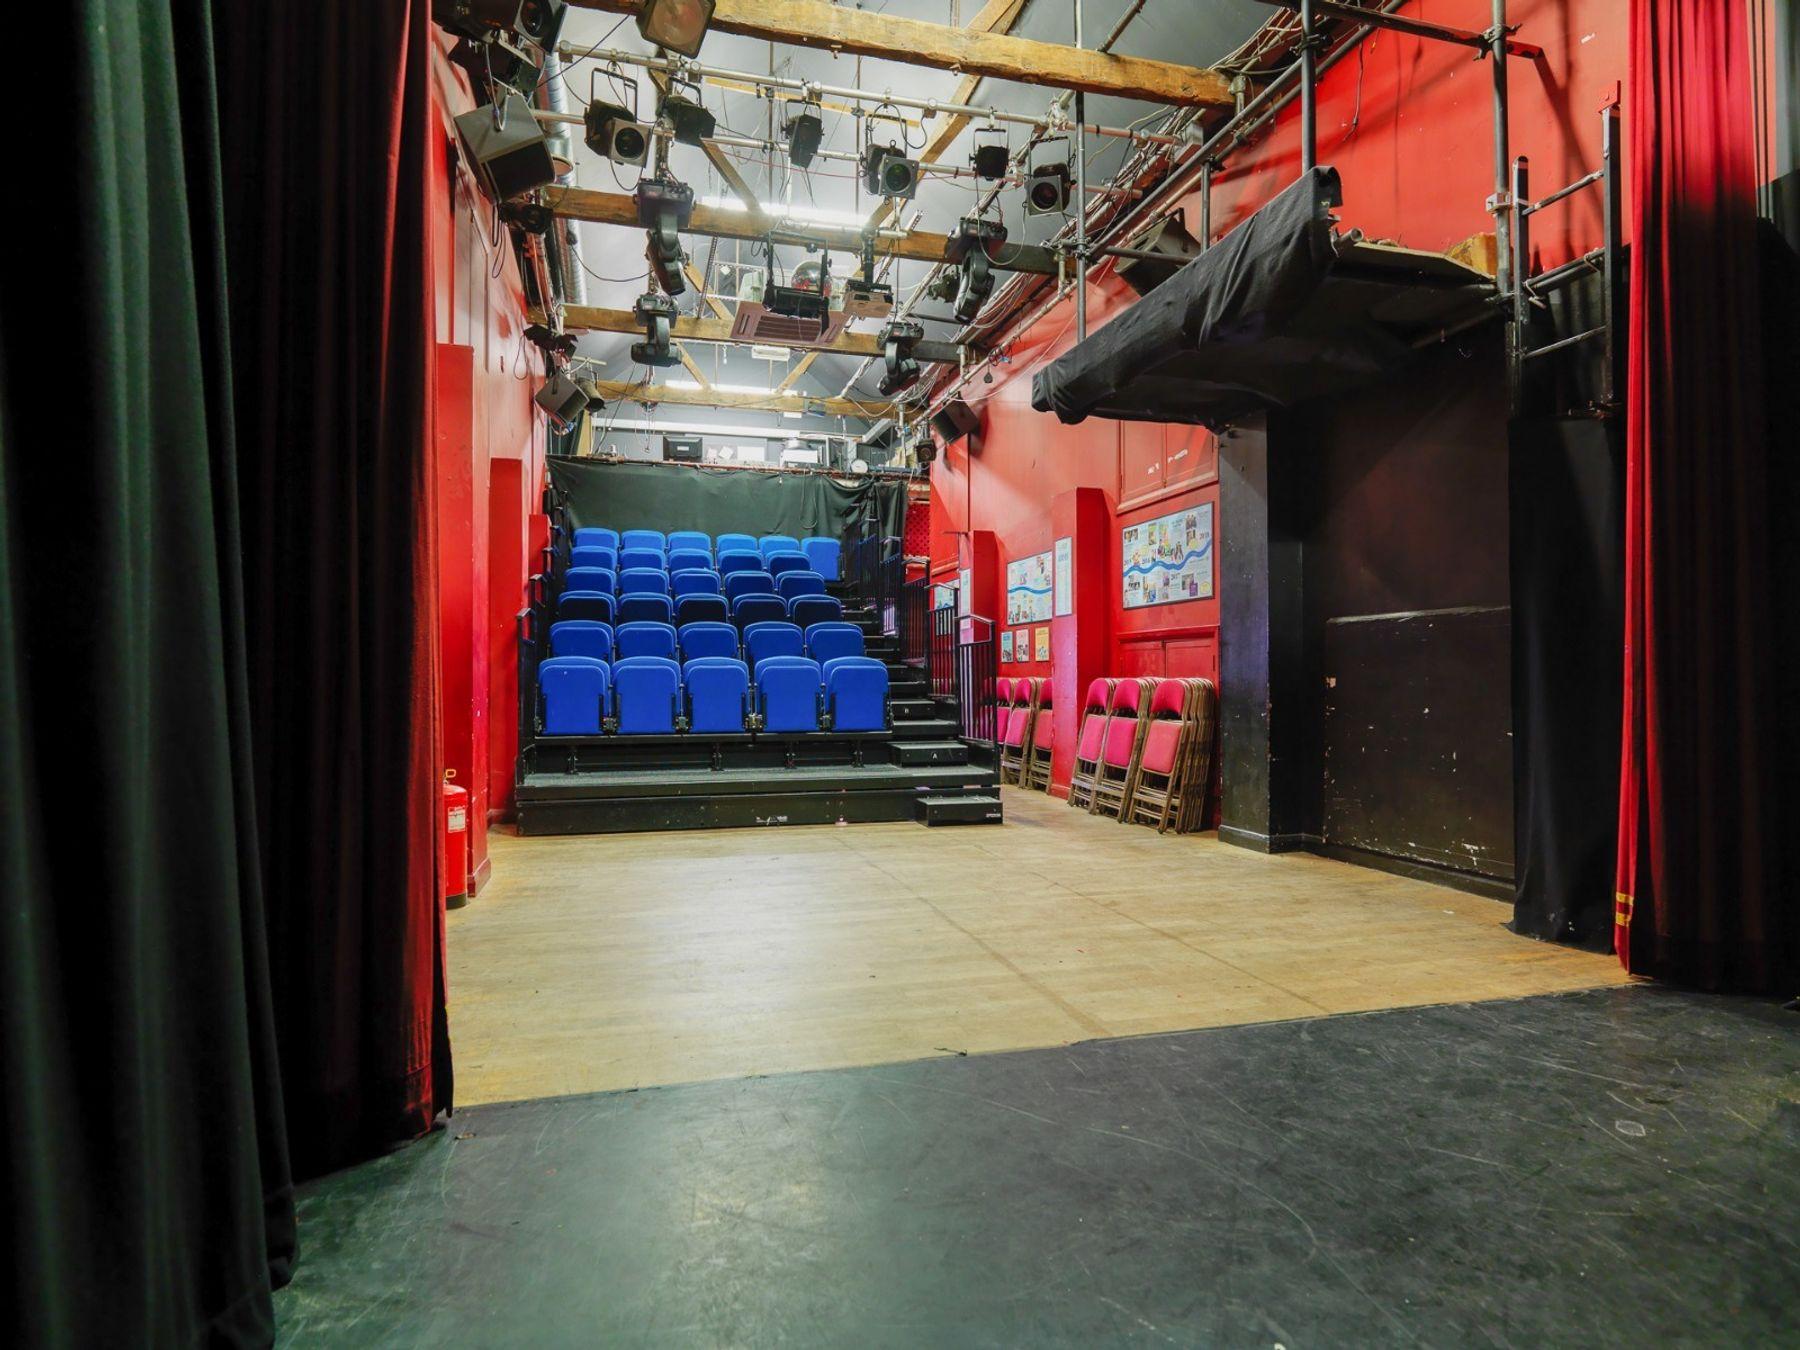 Theatre (9am-11pm)